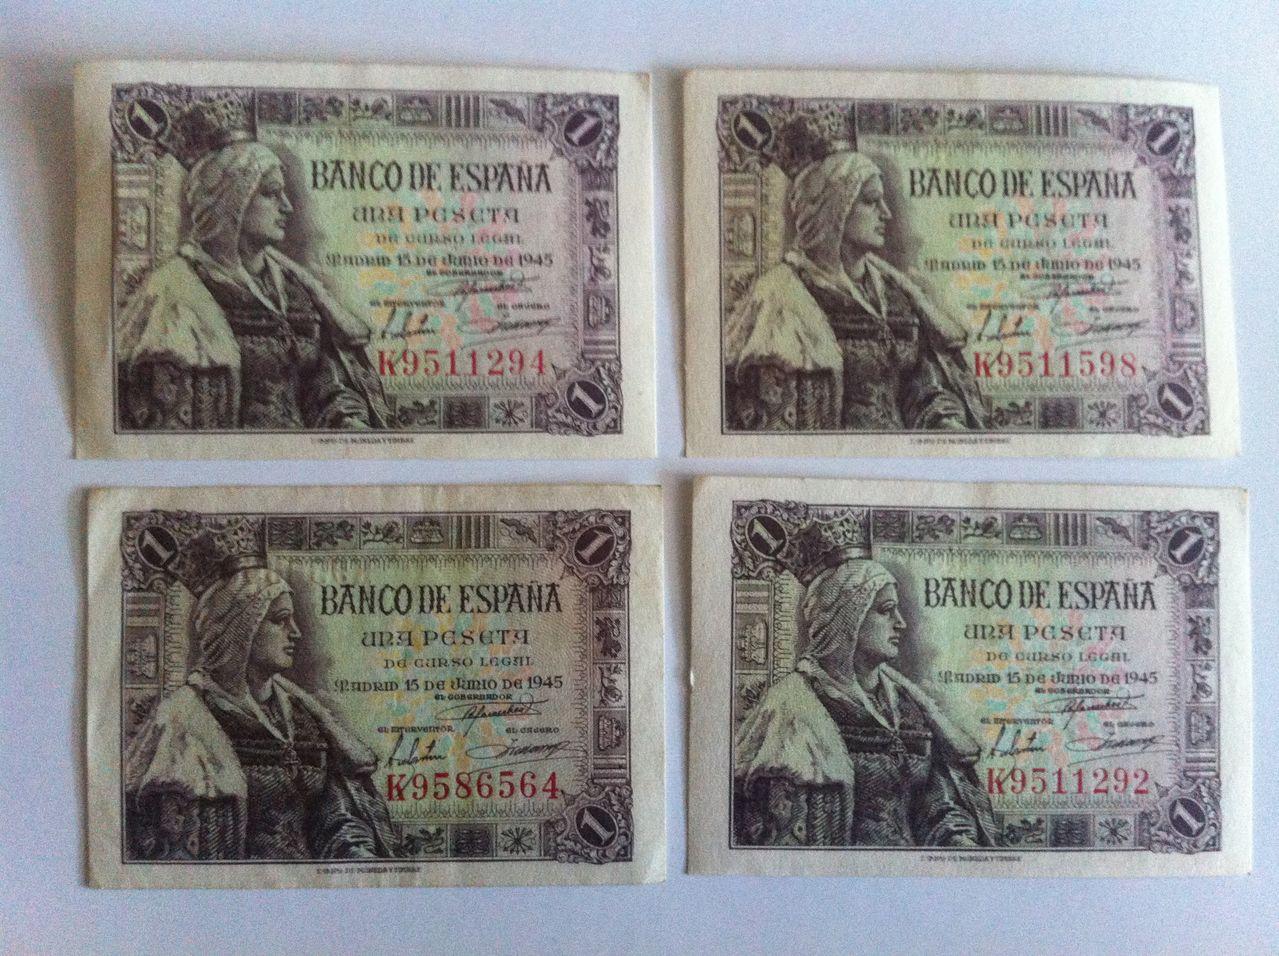 Ayuda para valorar coleccion de billetes IMG_4948